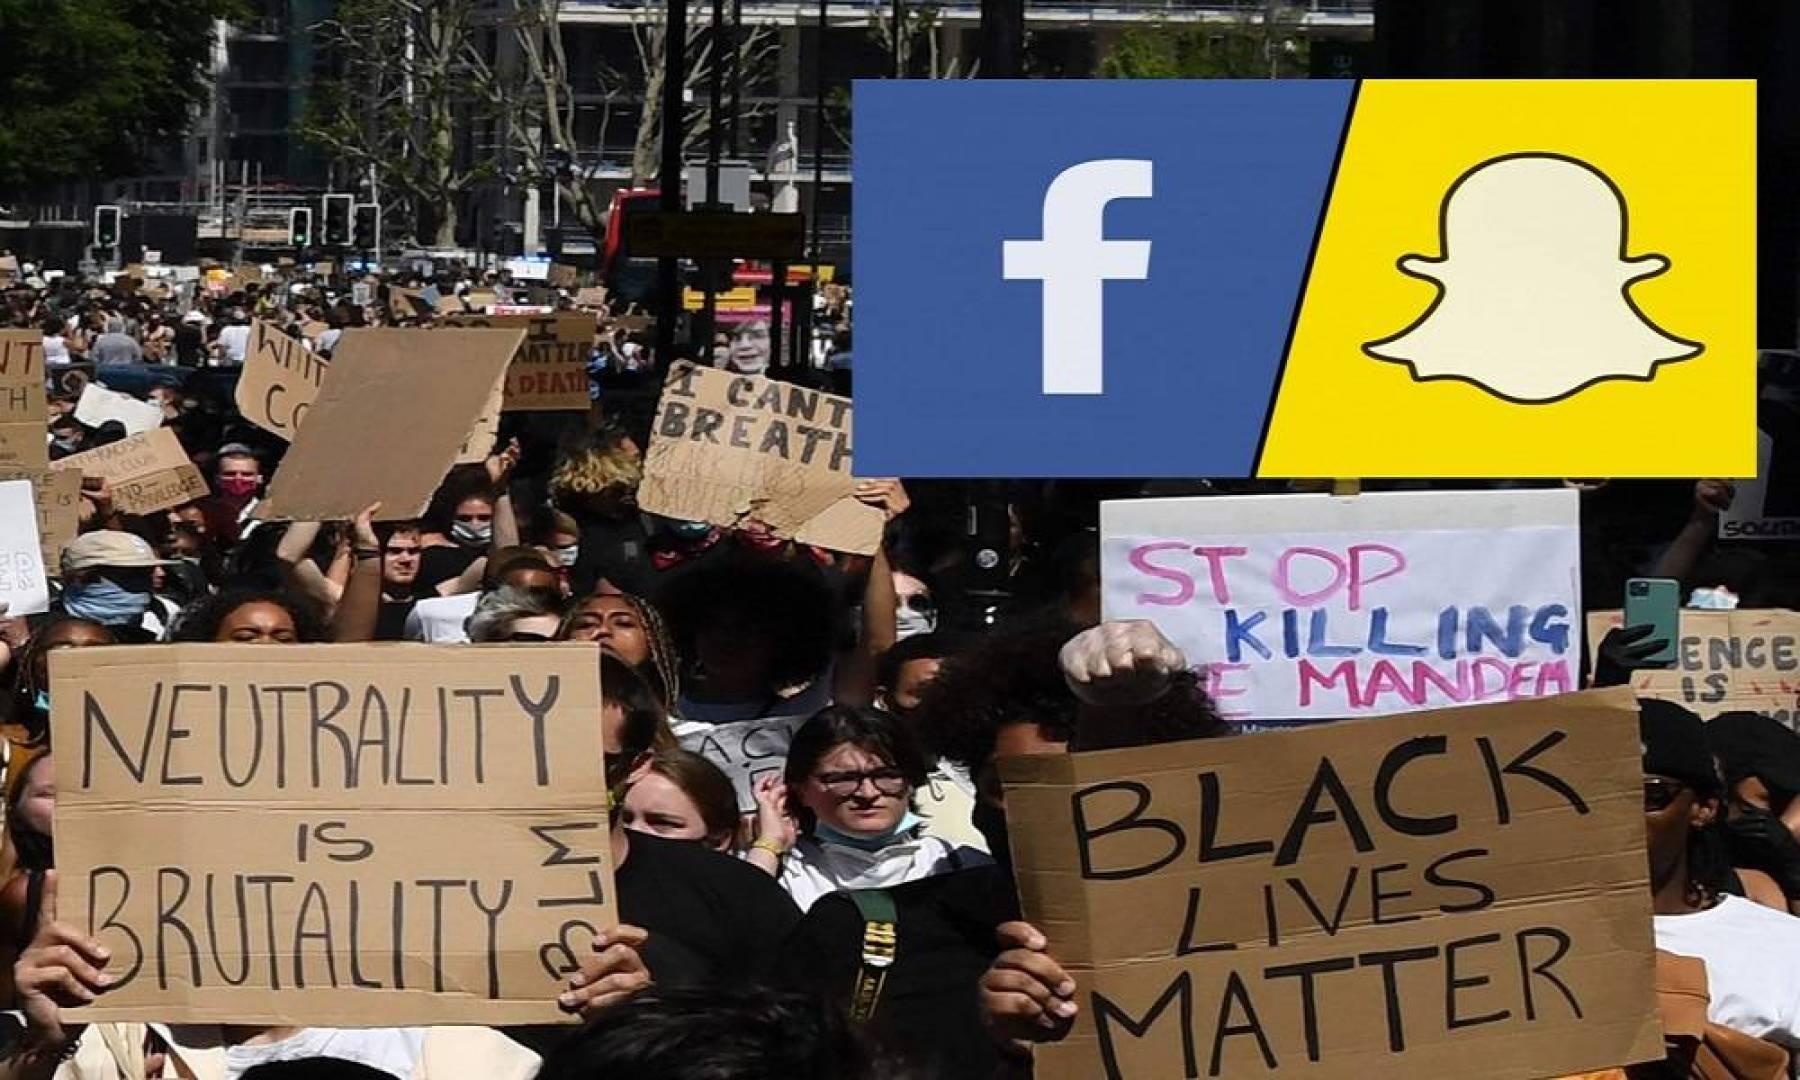 فيسبوك وسناب شات تنضمان إلى قائمة الشركات الأميركية المنددة بوفاة رجل أسود